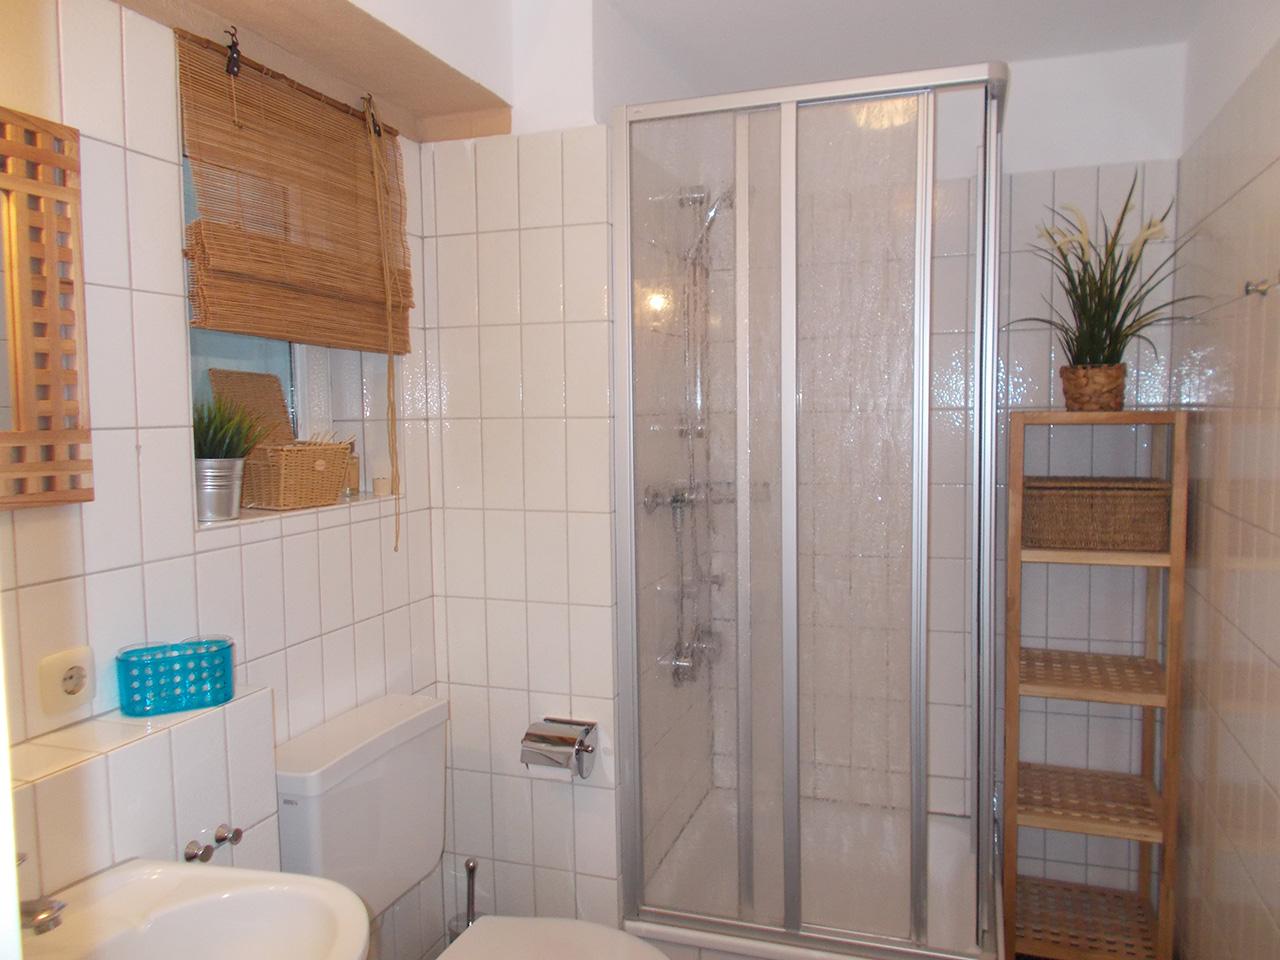 gaste wc mit dusche kosten waschbecken g ste wc tipps. Black Bedroom Furniture Sets. Home Design Ideas